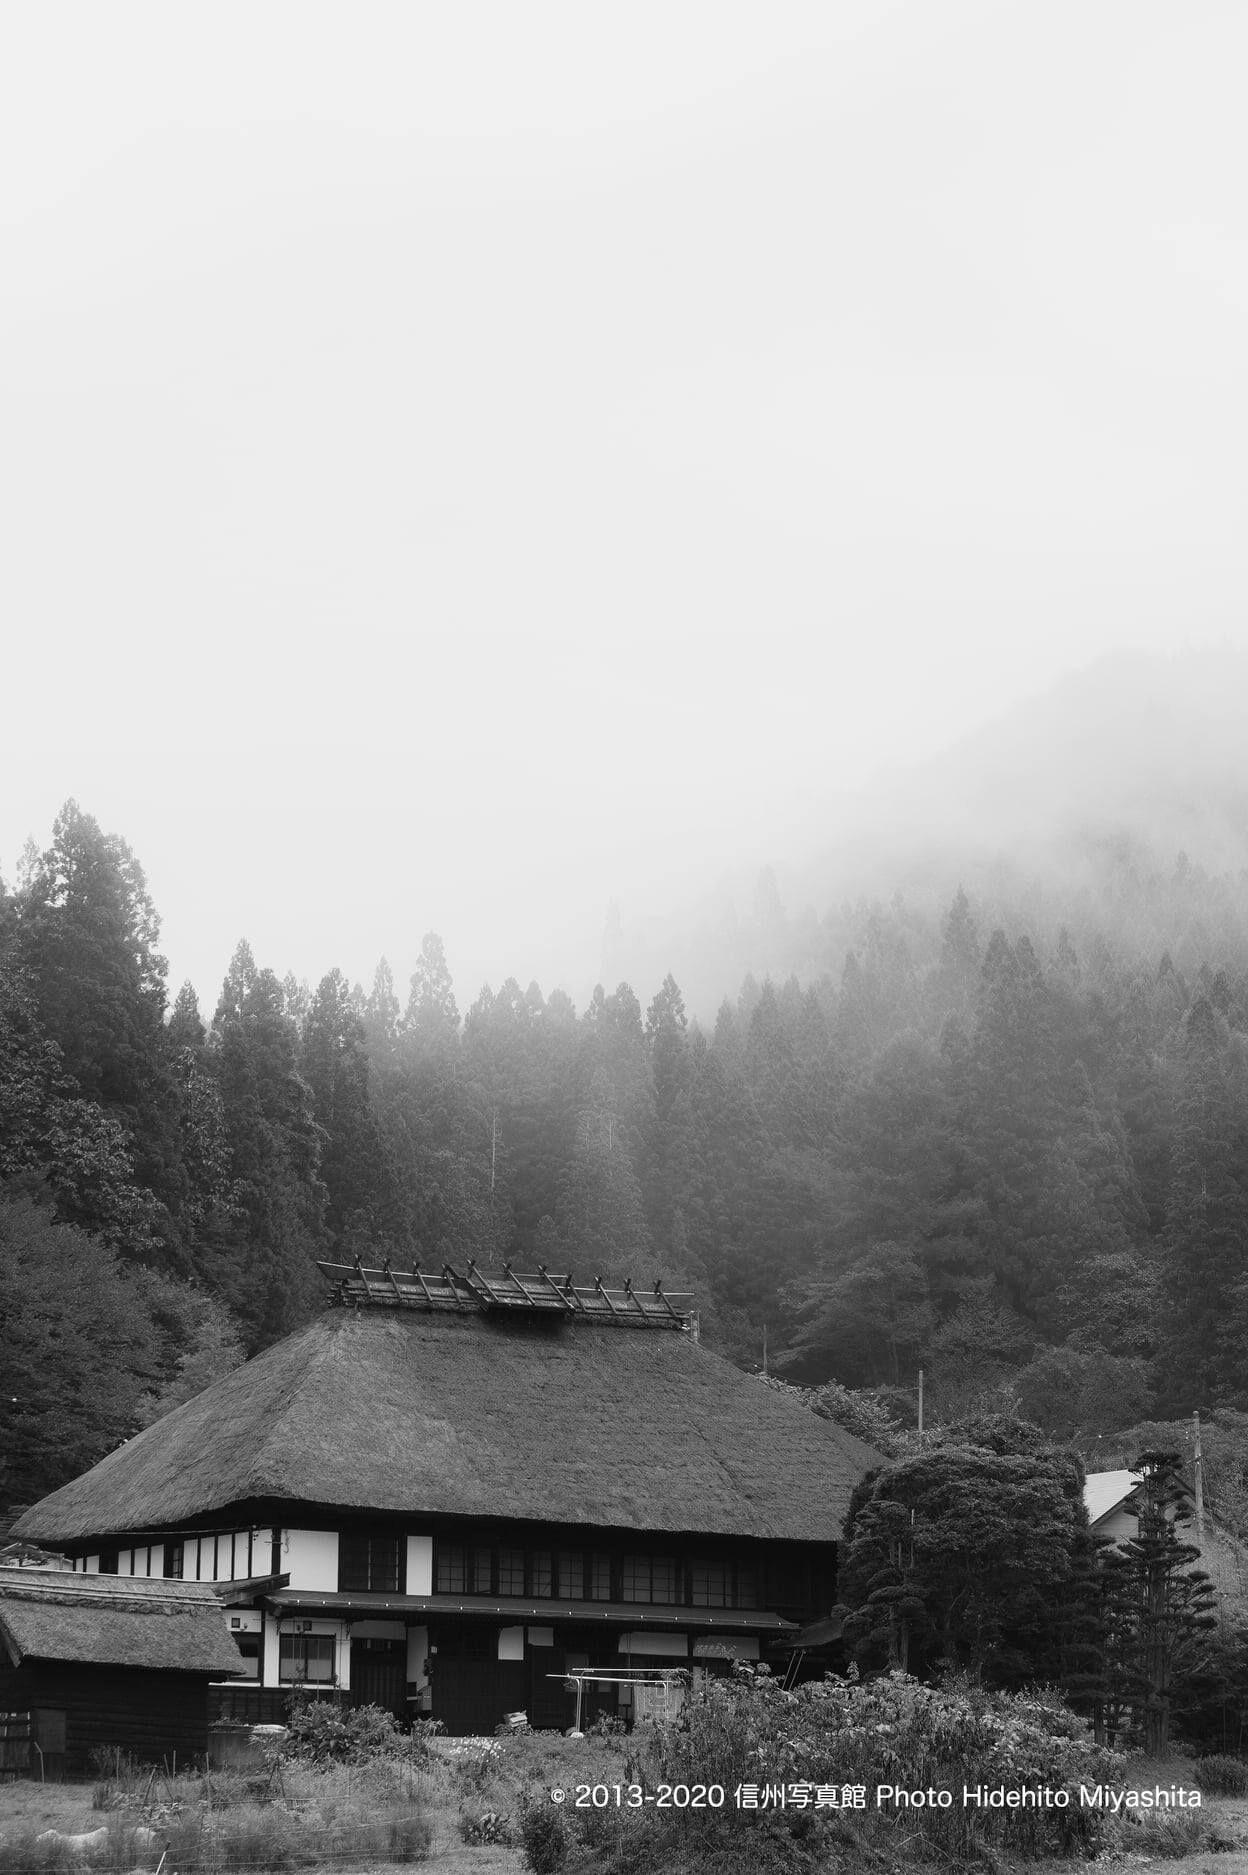 深い霧の朝